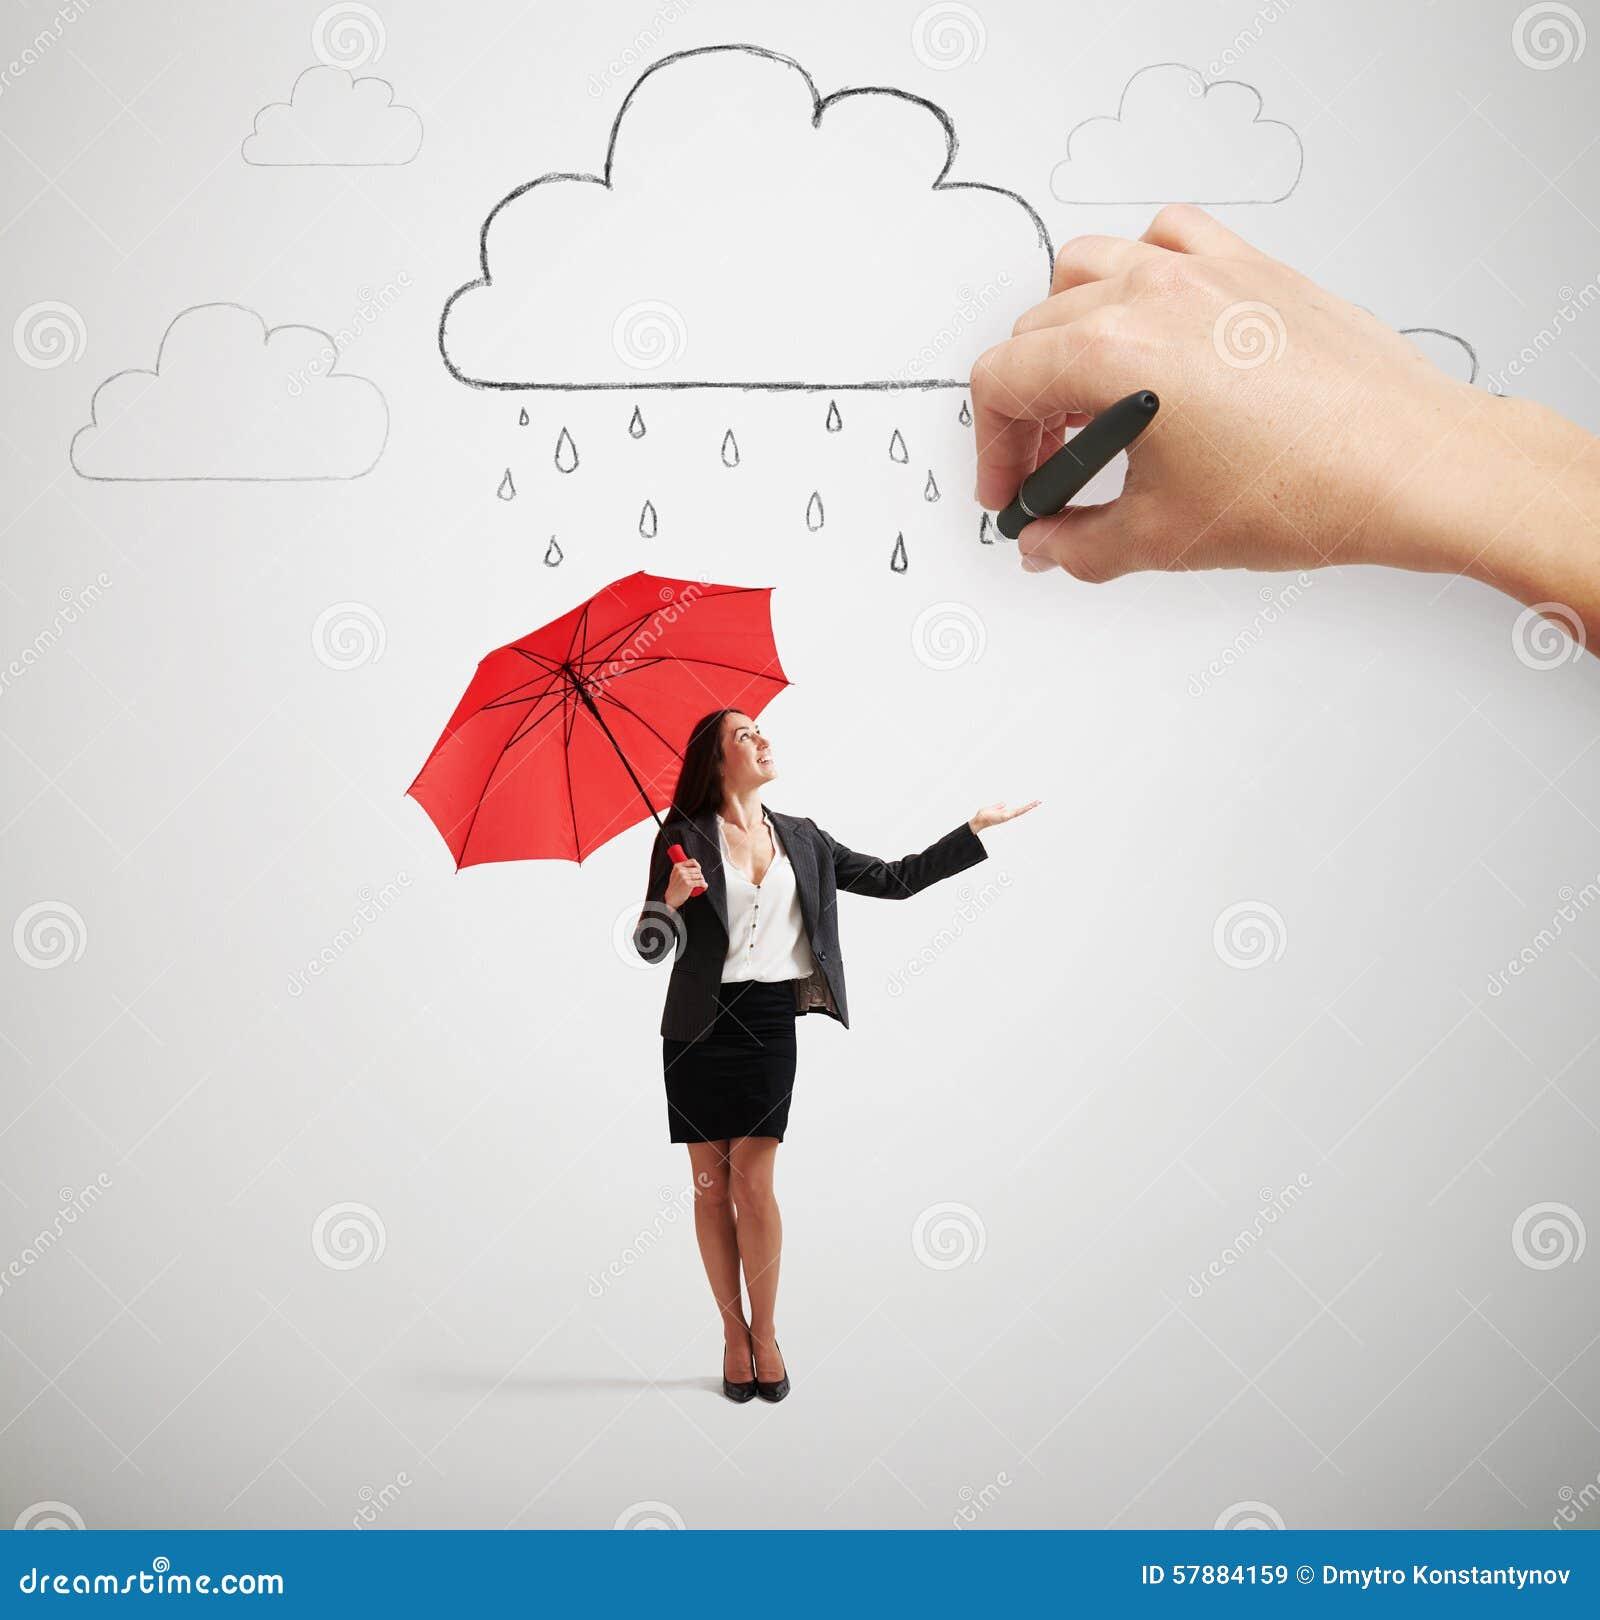 Mujer Con El Paraguas Debajo De La Lluvia Imagen De Archivo Imagen De Concepto Formal 57884159